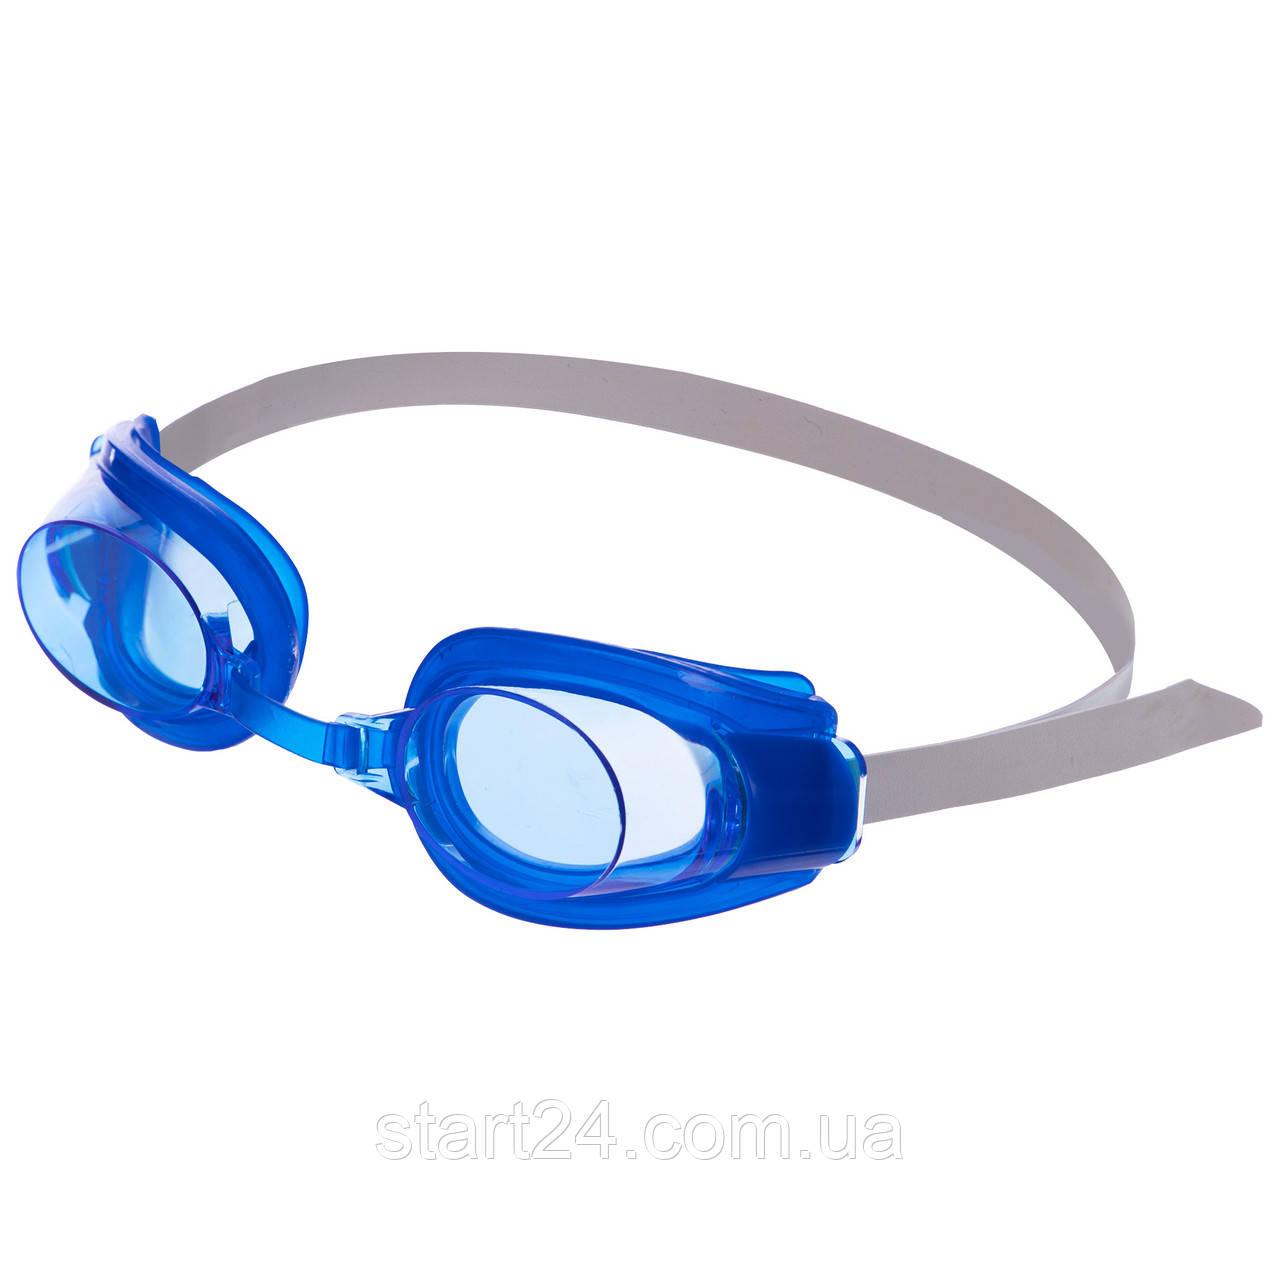 Очки для плавания детские с берушами и клипсой для носа в комплекте 0403 (пластик, PVC, цвета в ассортименте)